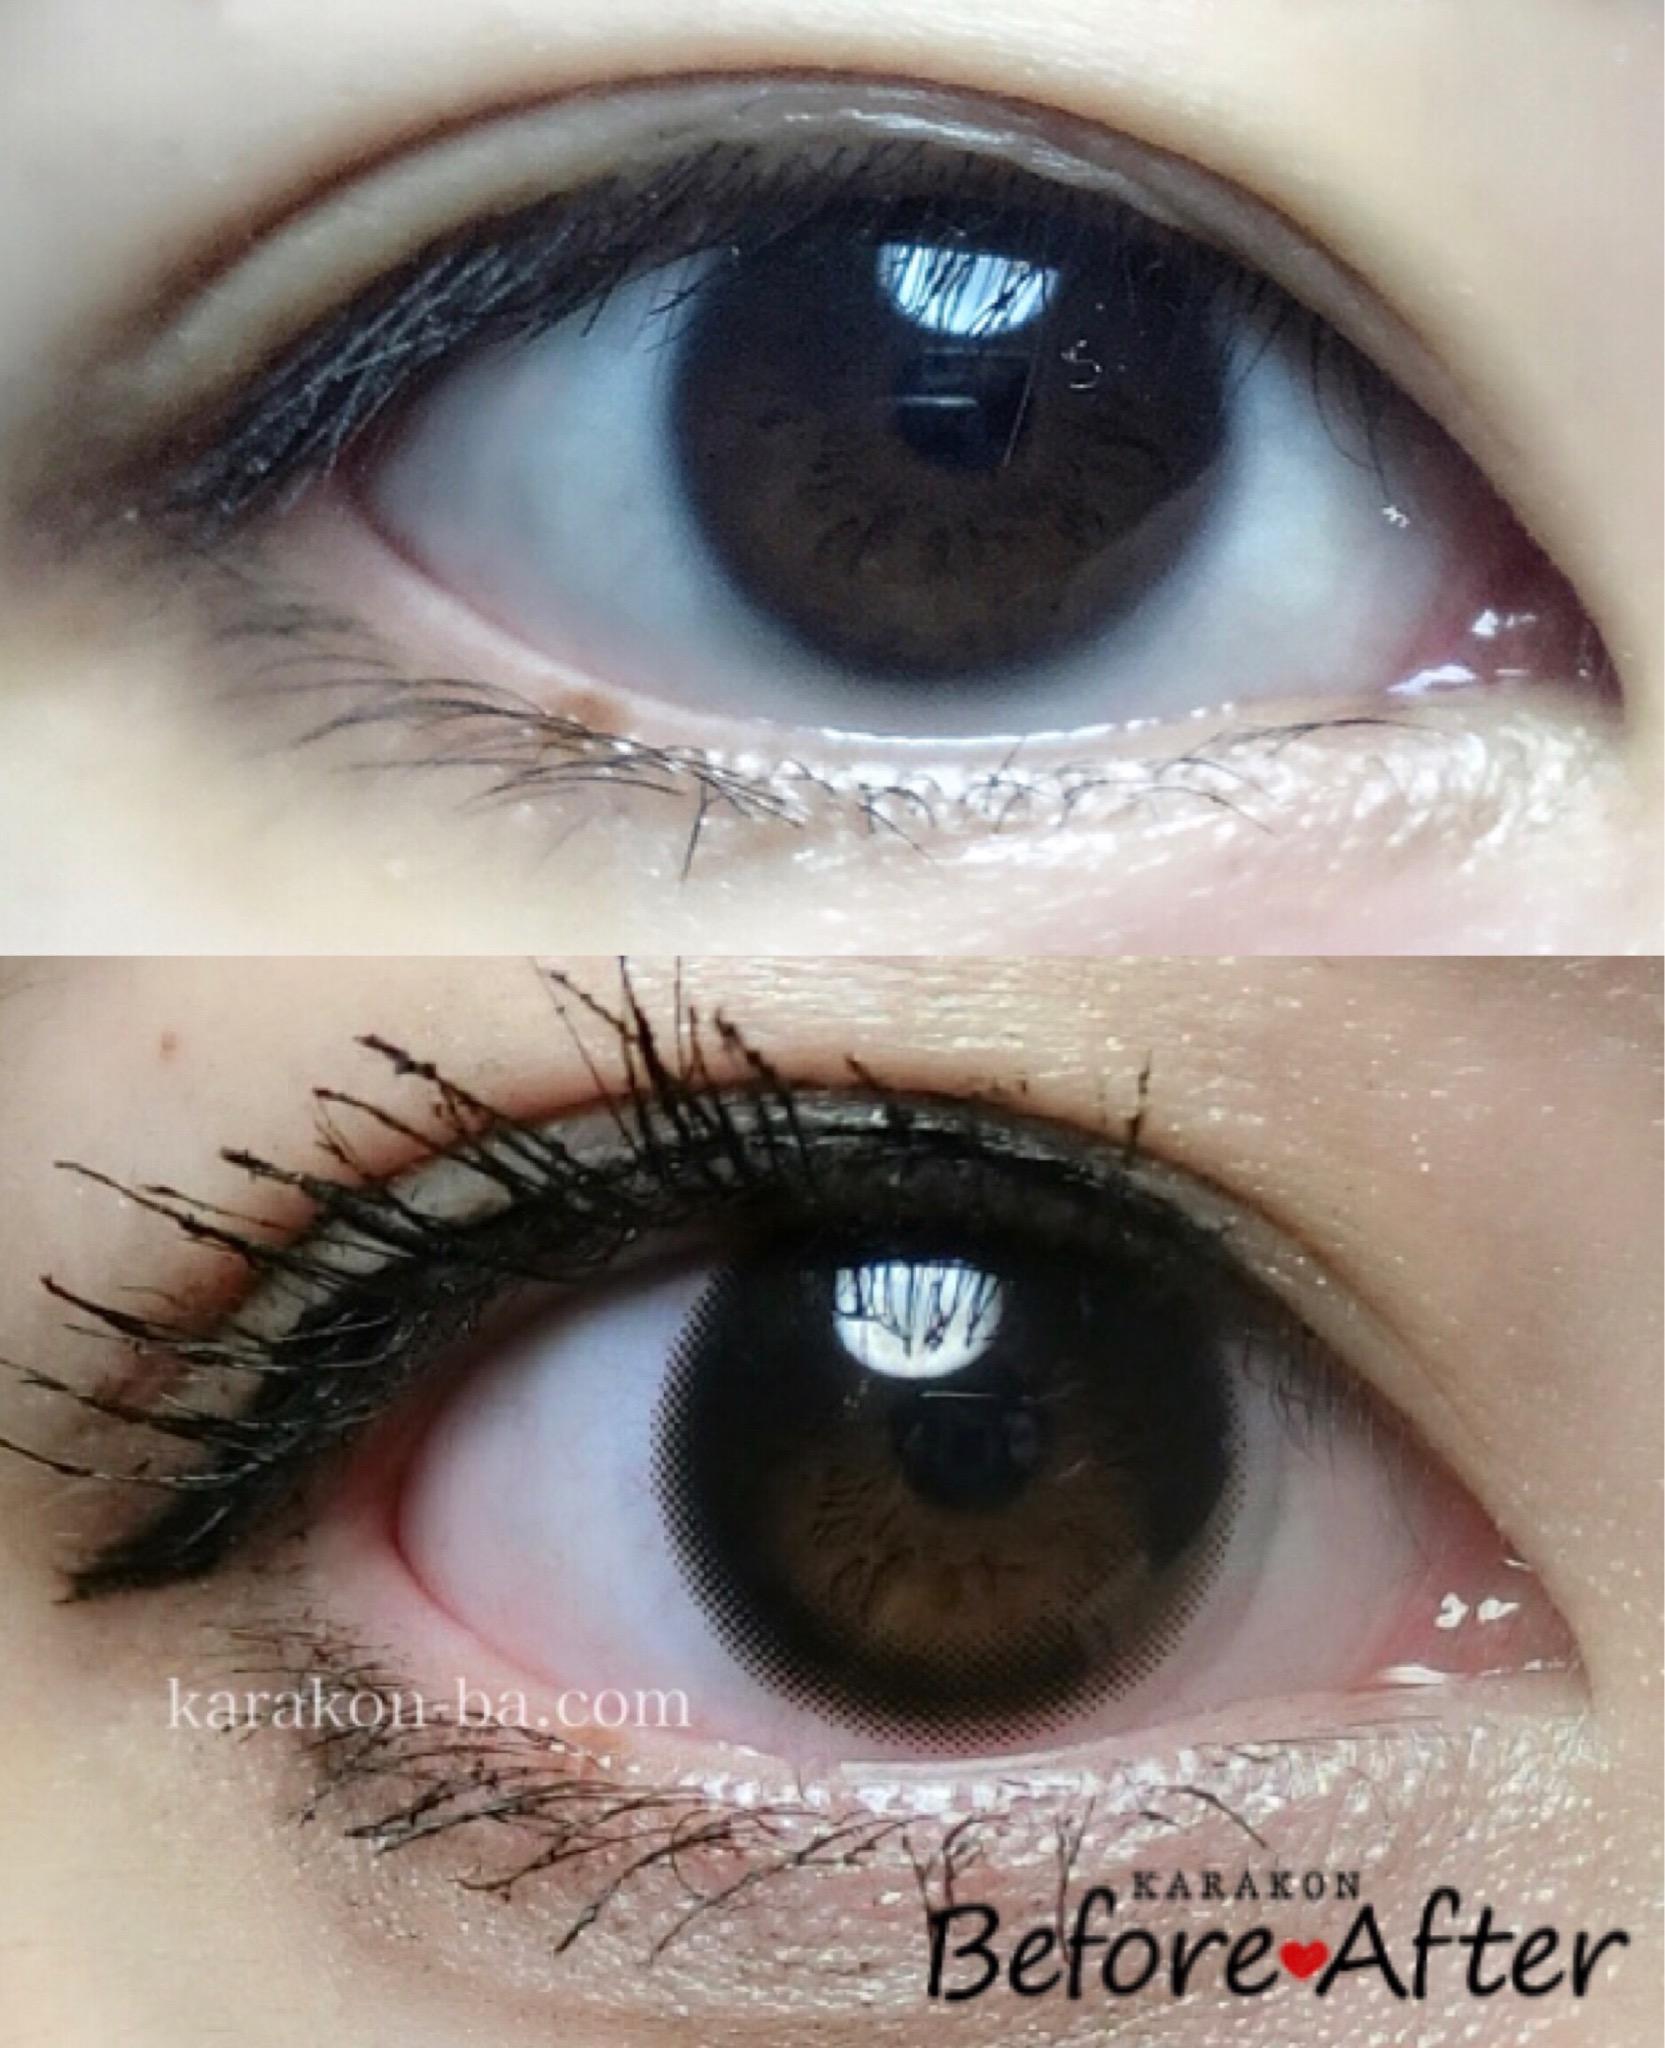 feliamo(フェリアモ)シアーブラックのカラコン装着画像/裸眼と比較レポ